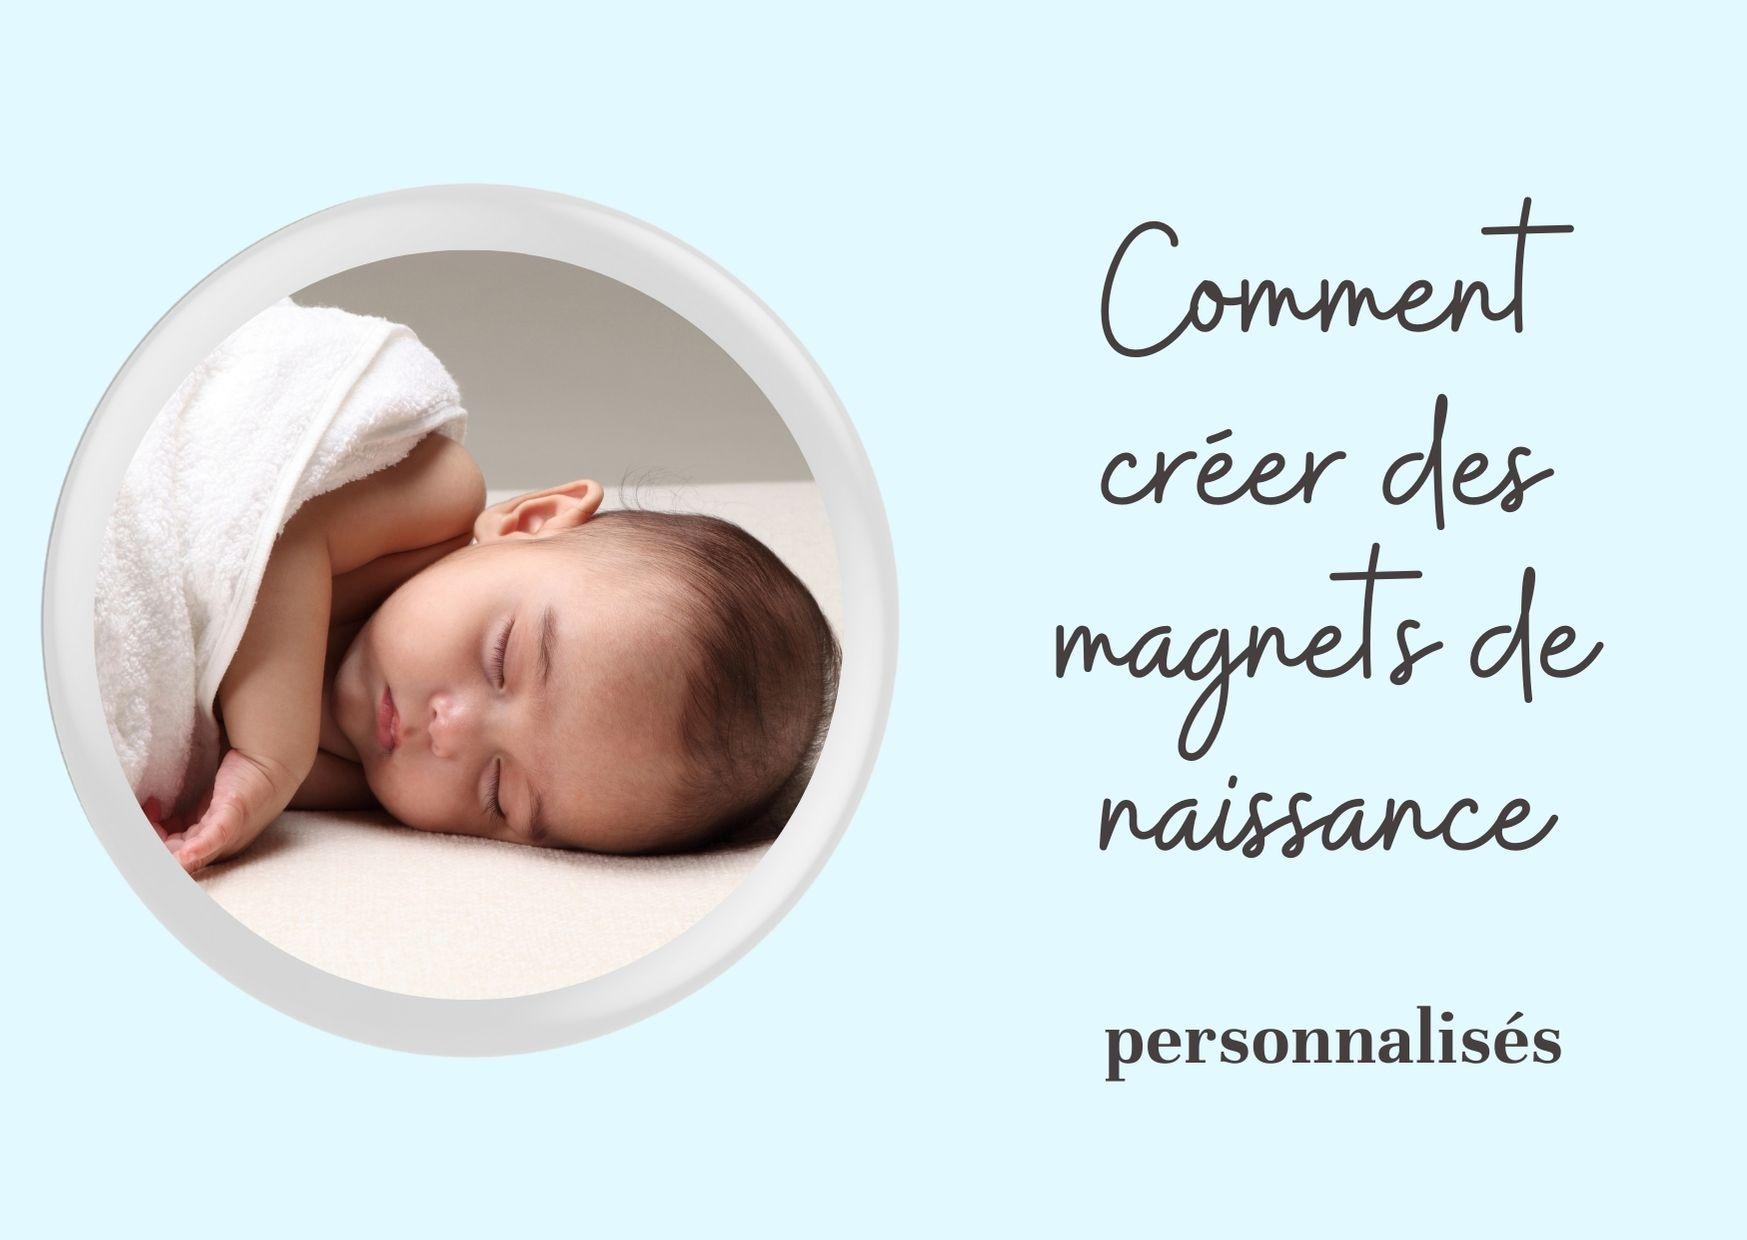 comment creer des magnets personnalisés pour annoncer une naissance